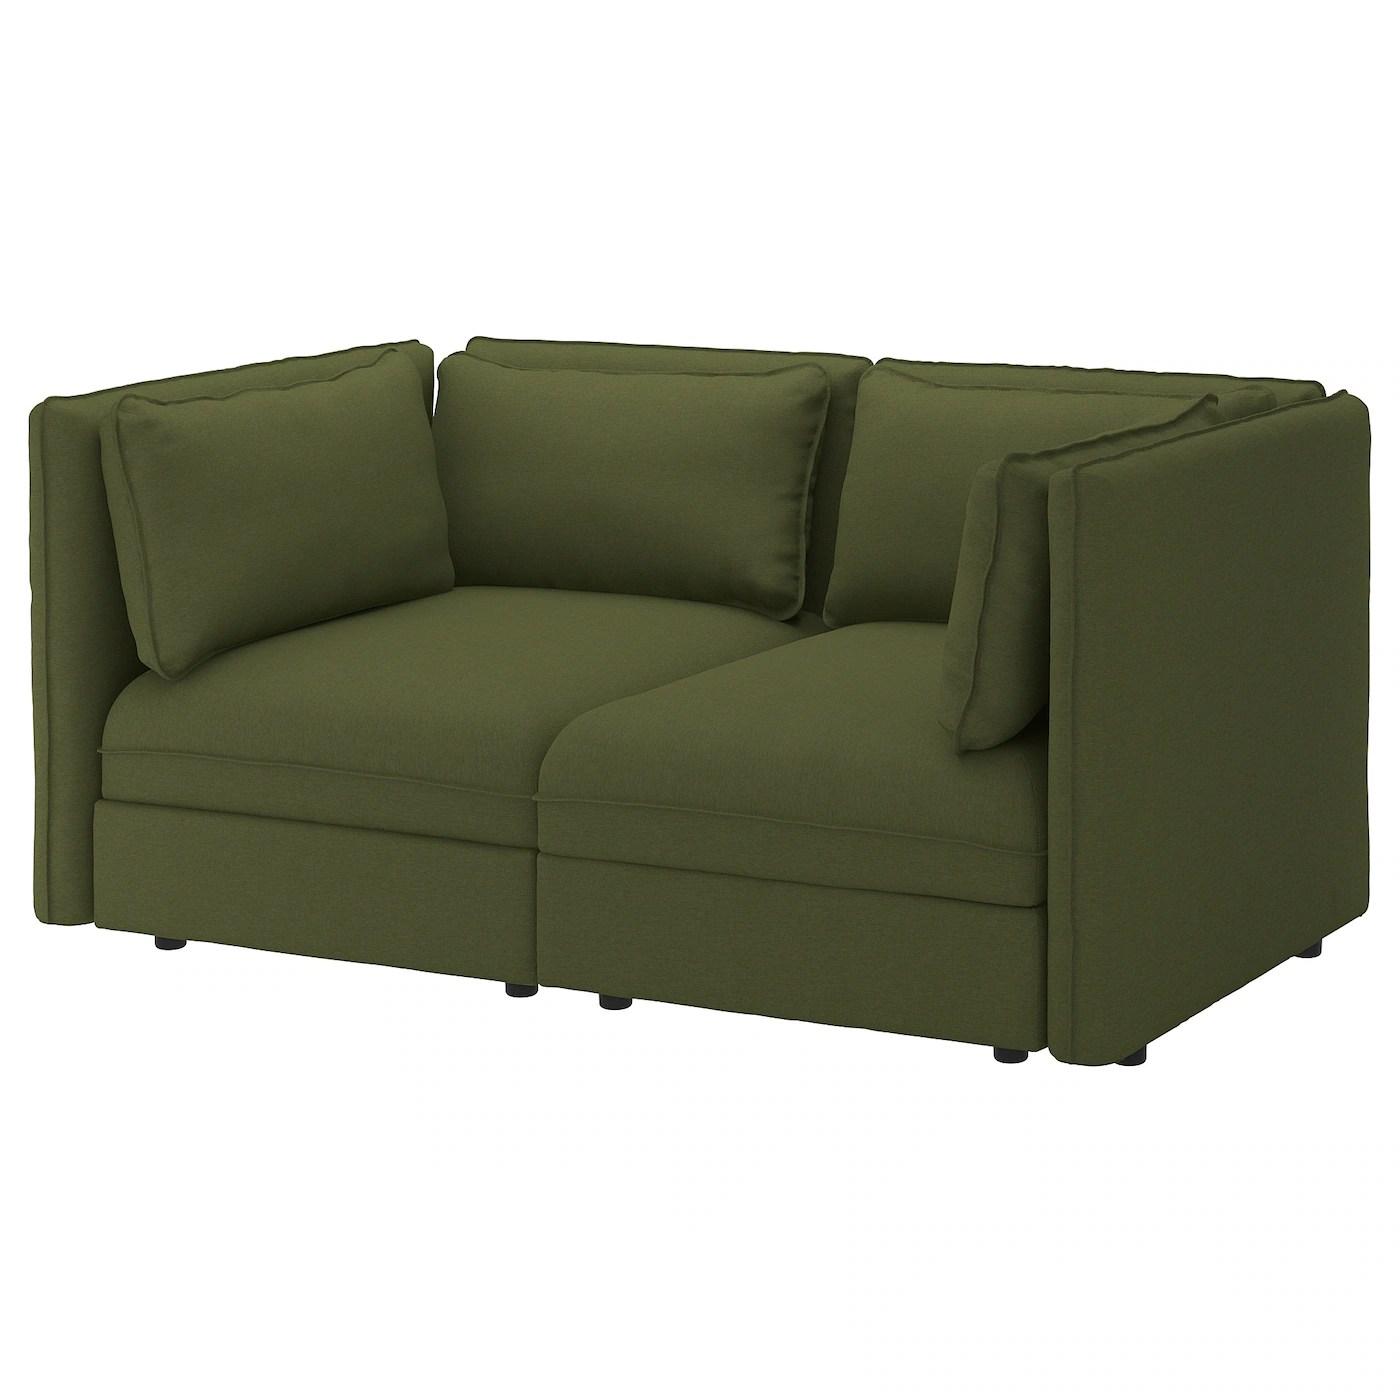 sofa bed single lazada boards ie sofás de 2 plazas tela compra online ikea